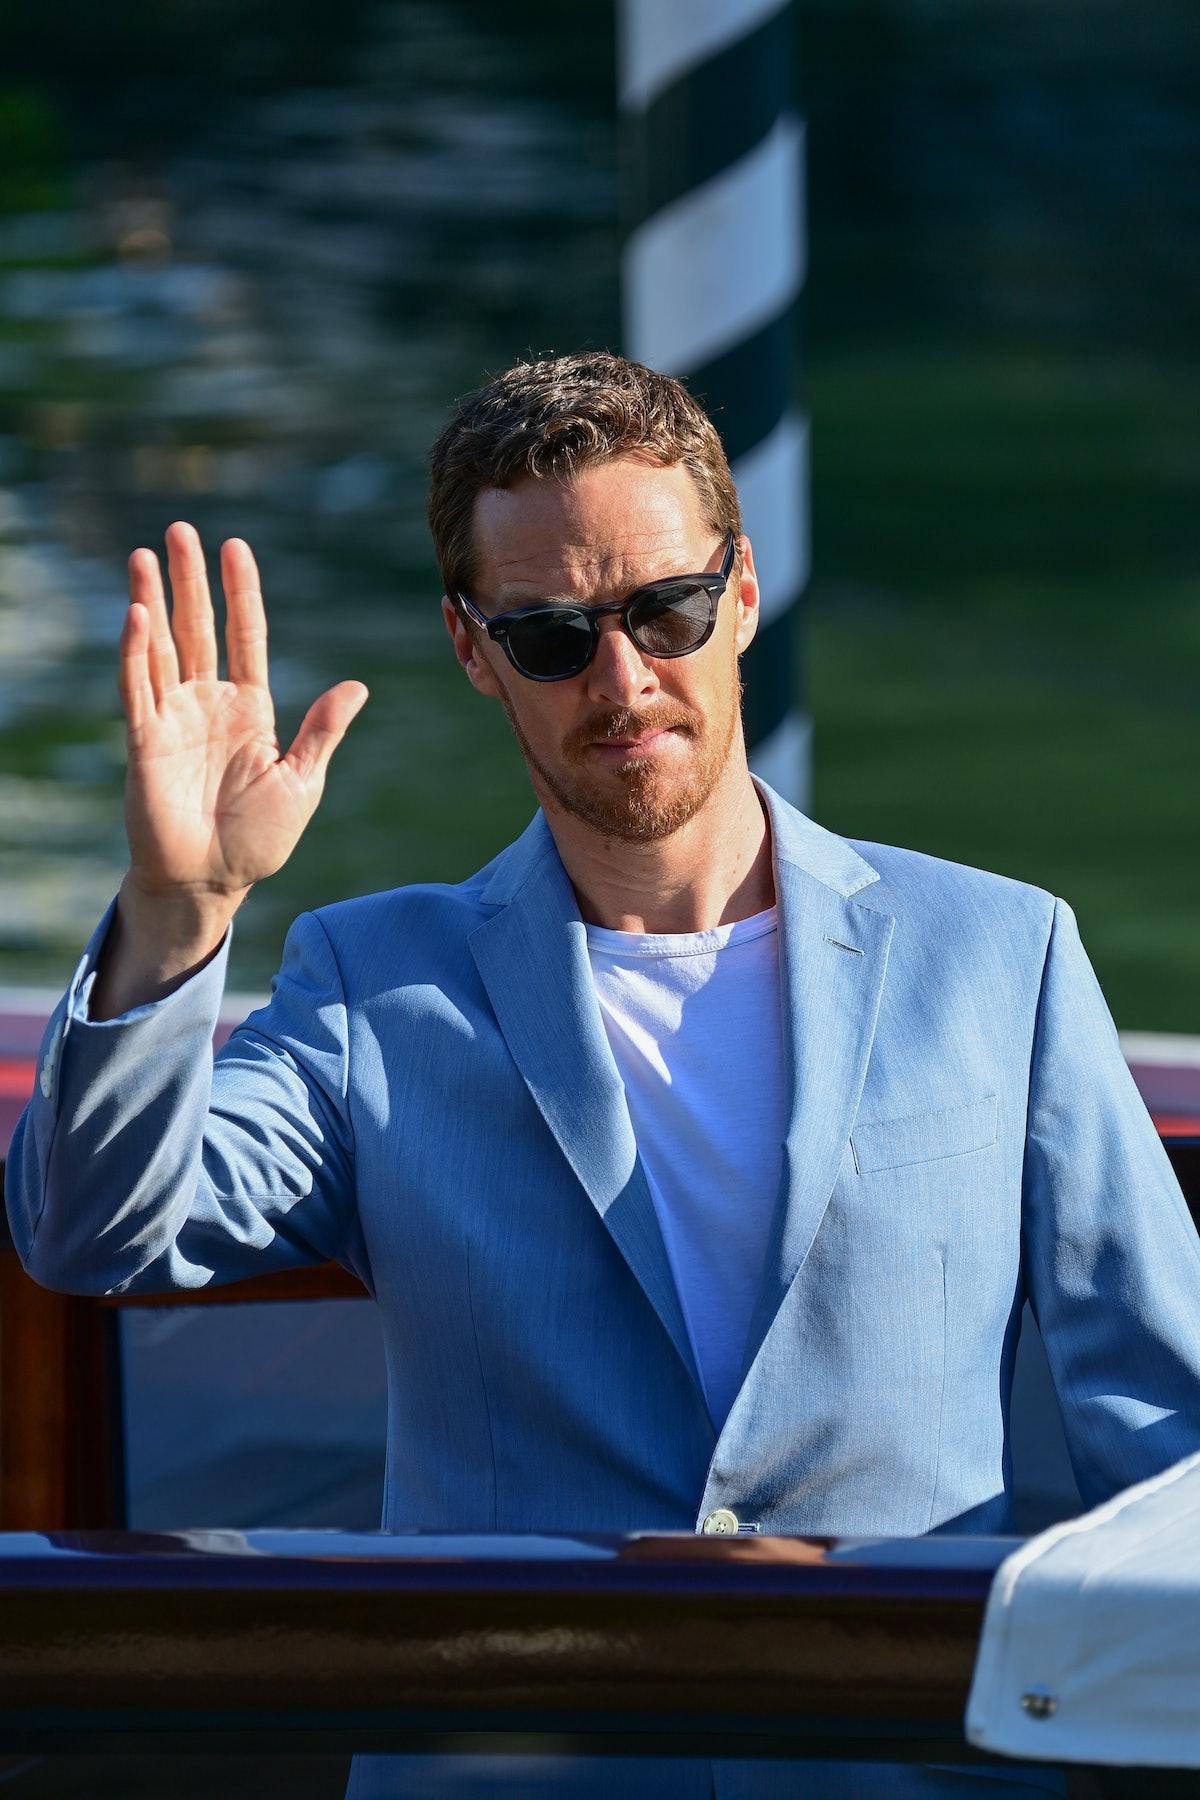 Benedict waving